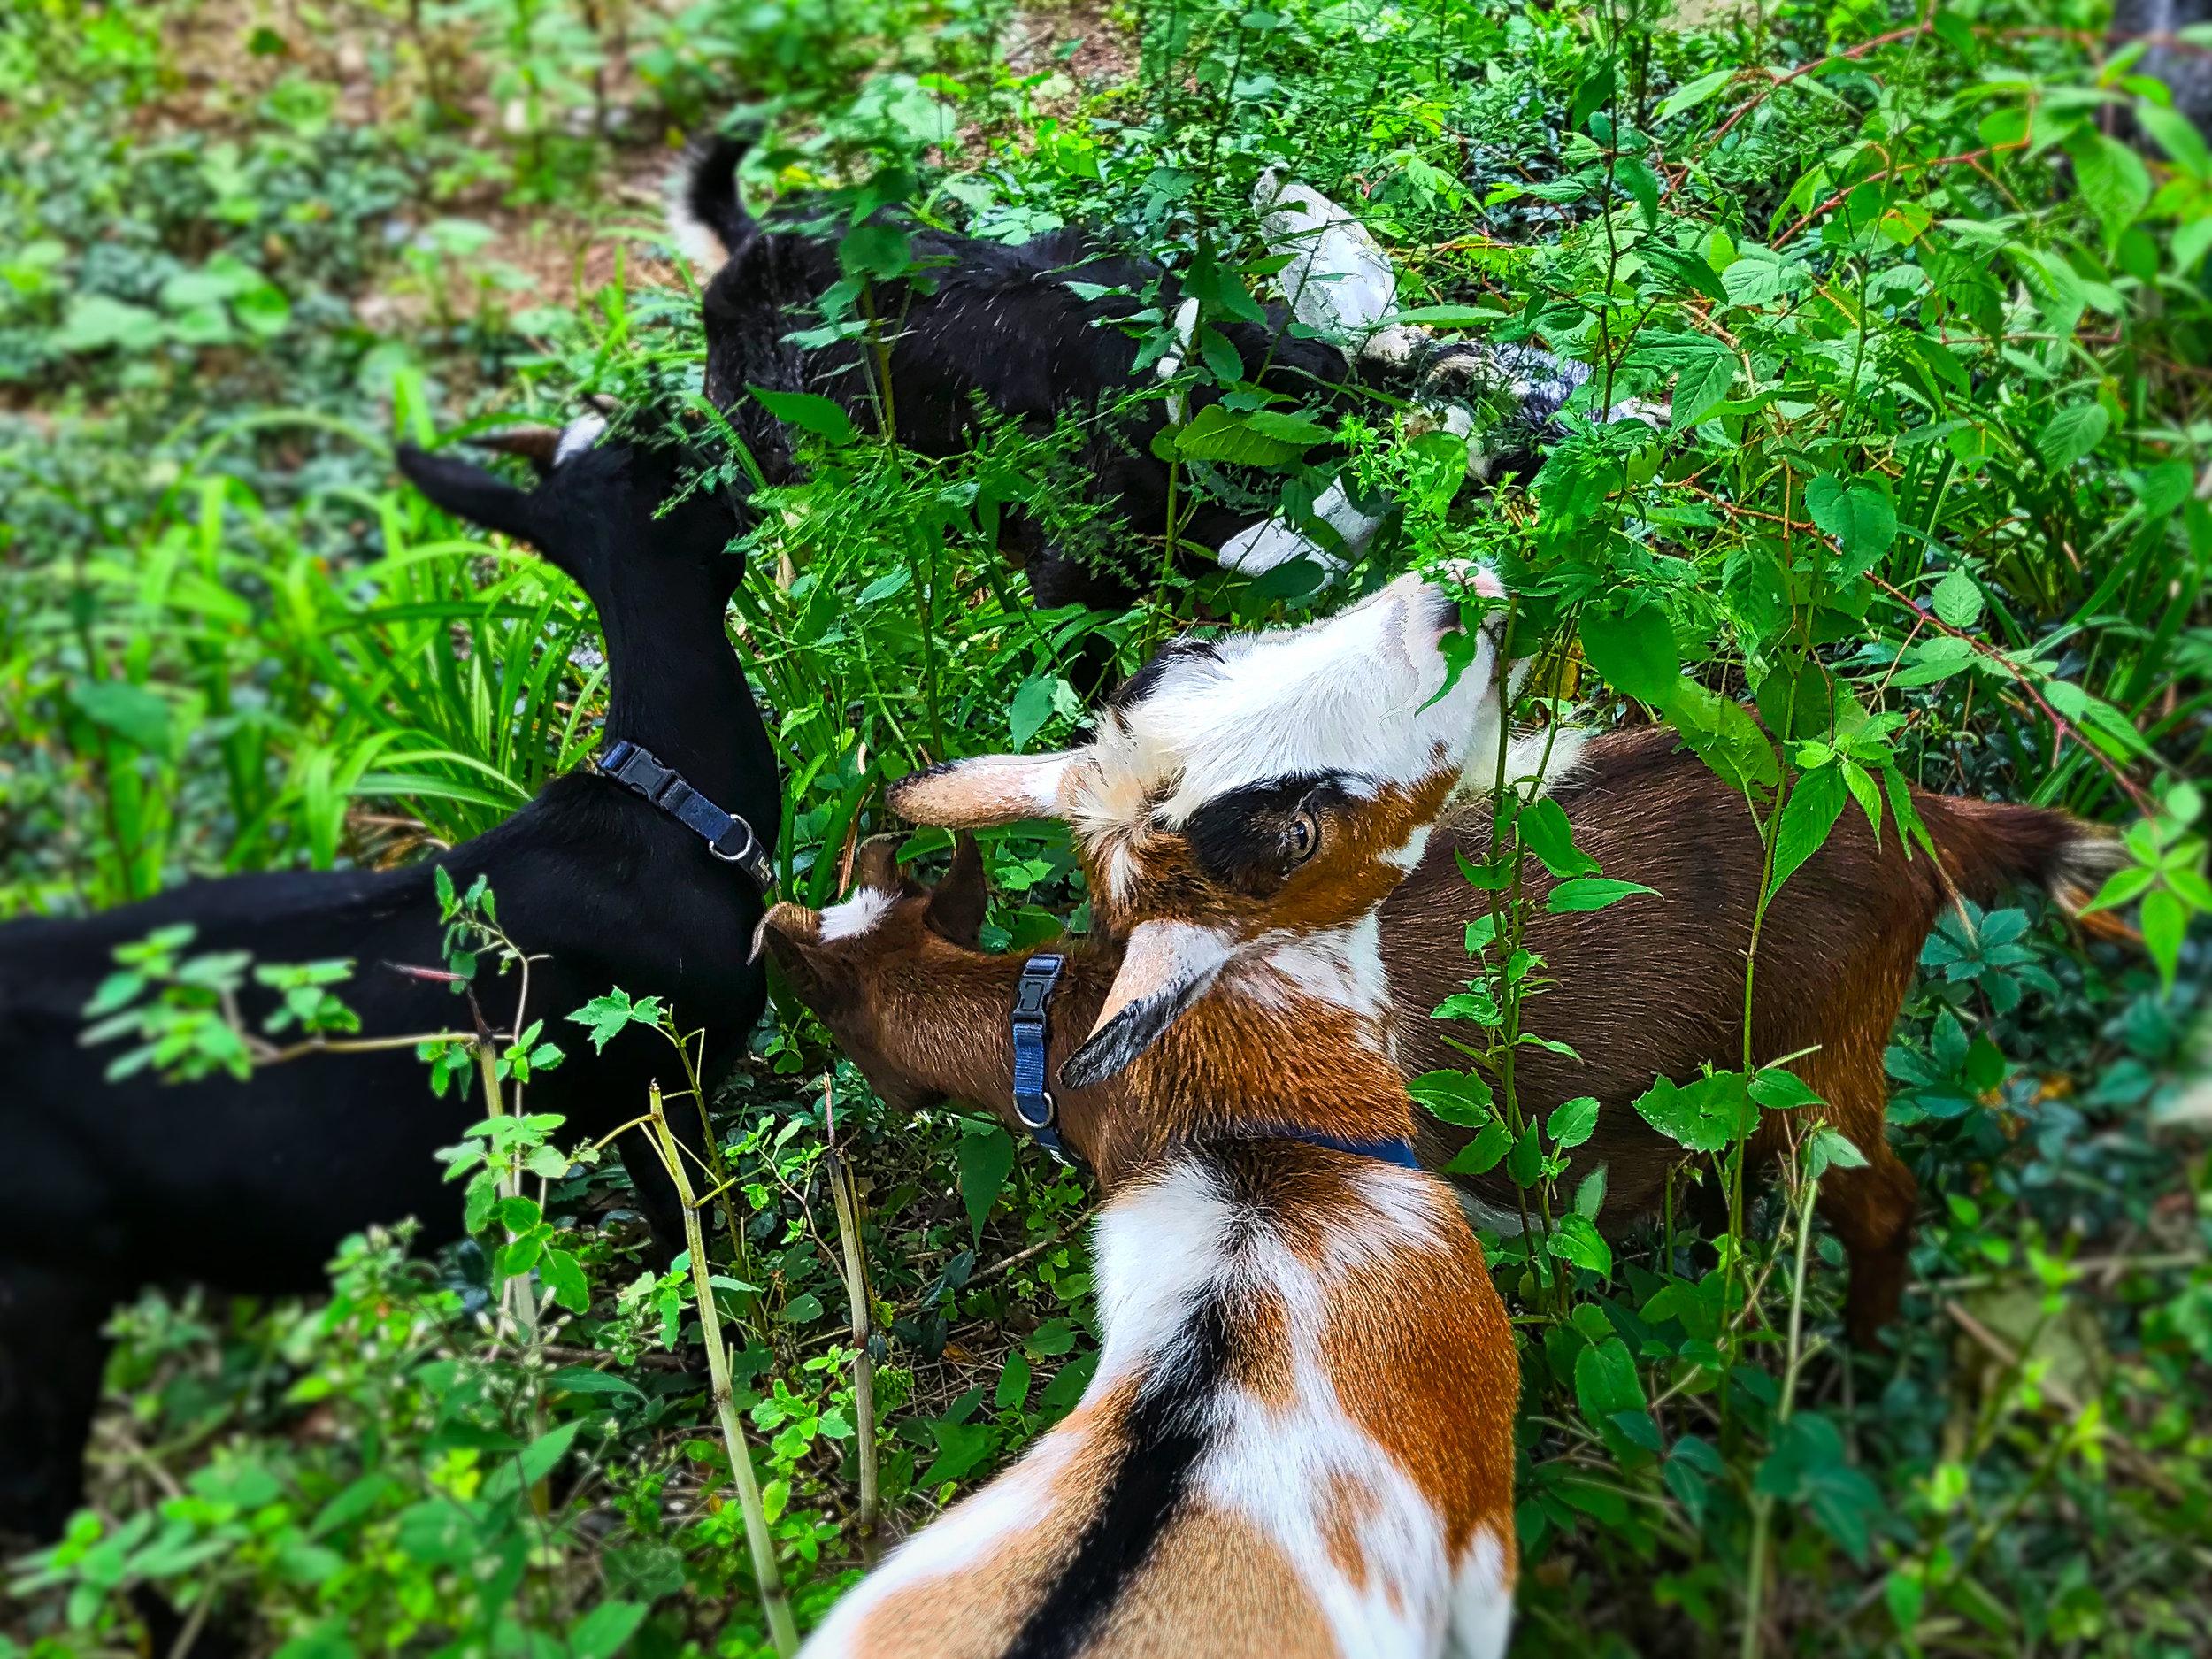 Goats_eating_082118.jpeg